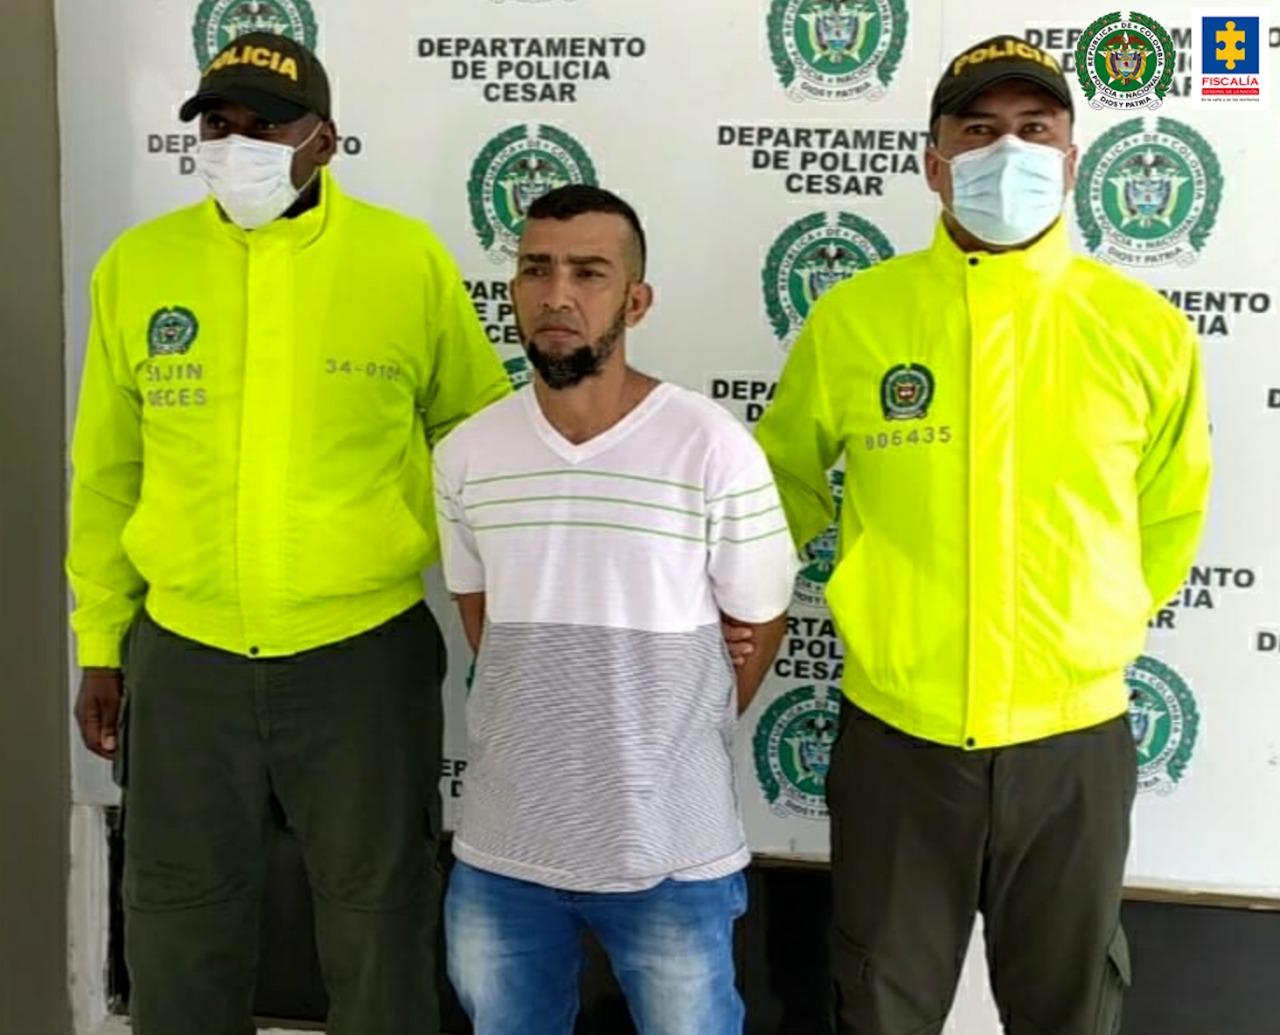 Condenando a más de 54 años de prisión hombre que asesinó a un médico pediatra en Valledupar - Noticias de Colombia